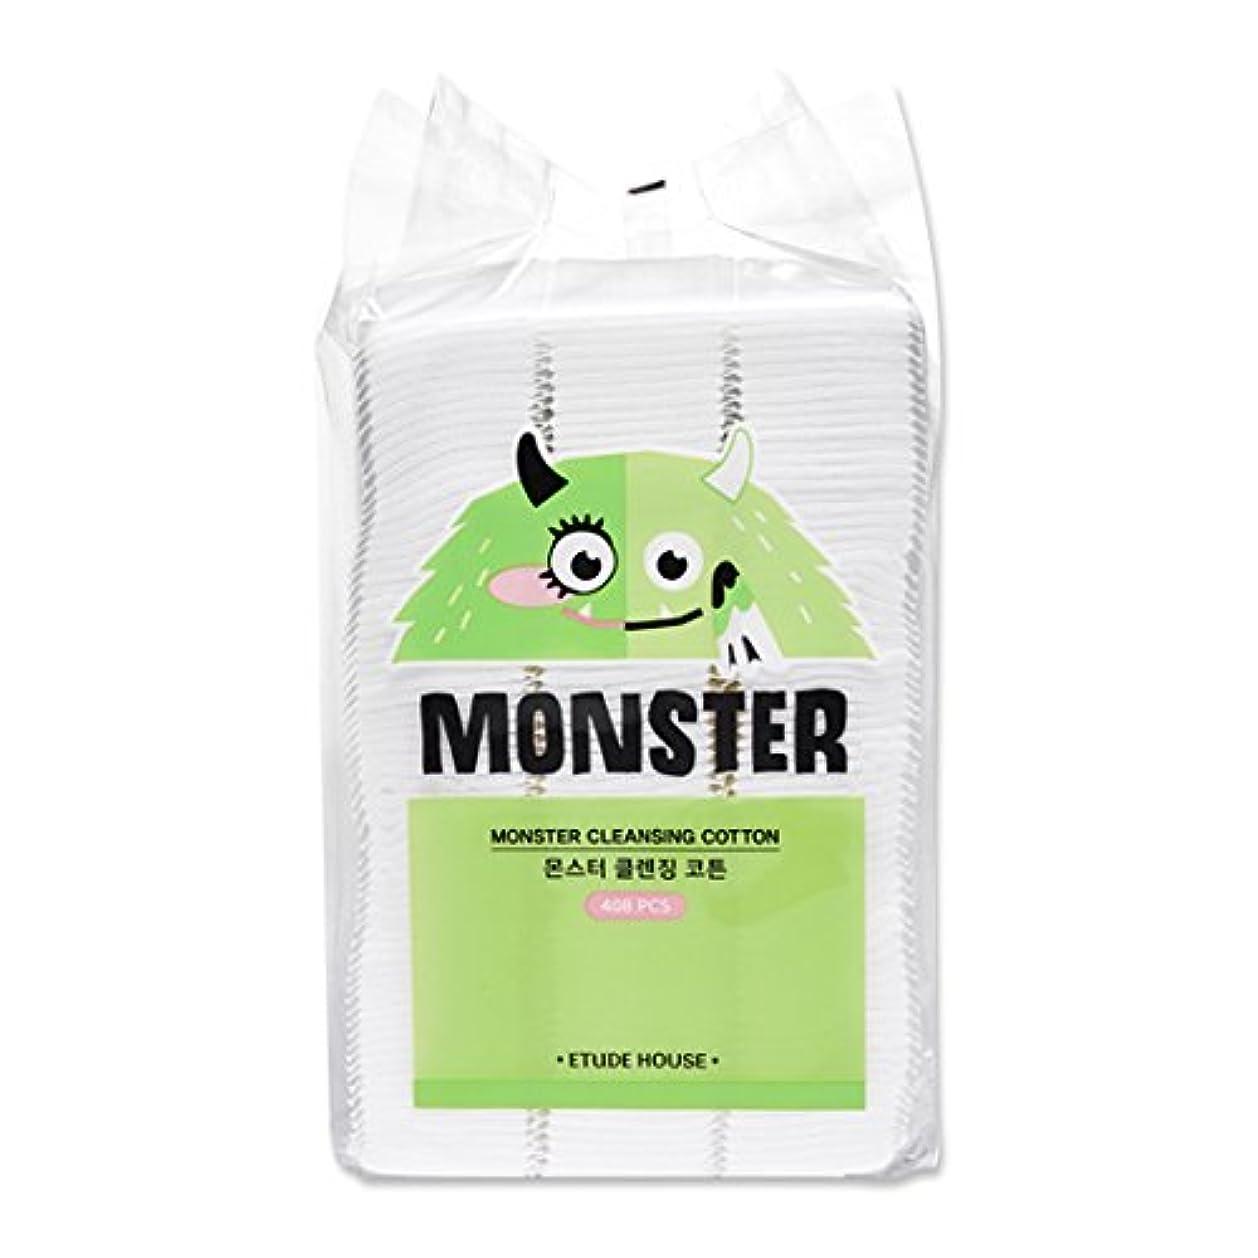 給料チーズ休憩ETUDE HOUSE Monster Cleansing Cotton / エチュードハウス モンスター クレンジング コットン 408枚 [並行輸入品]